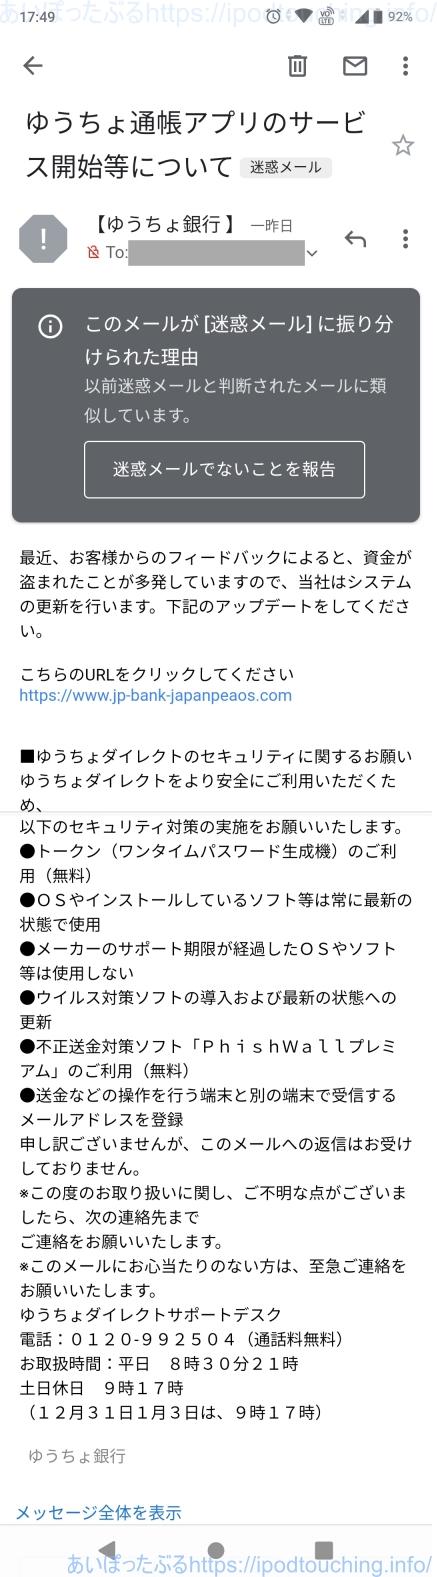 【迷惑メール】ゆうちょ通帳アプリのサービス開始等について(Androidスマホ版)